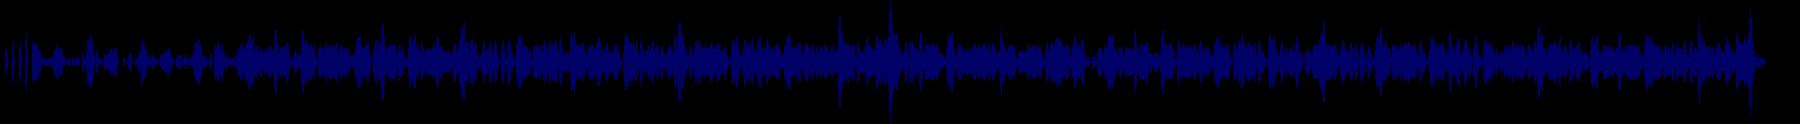 waveform of track #72683